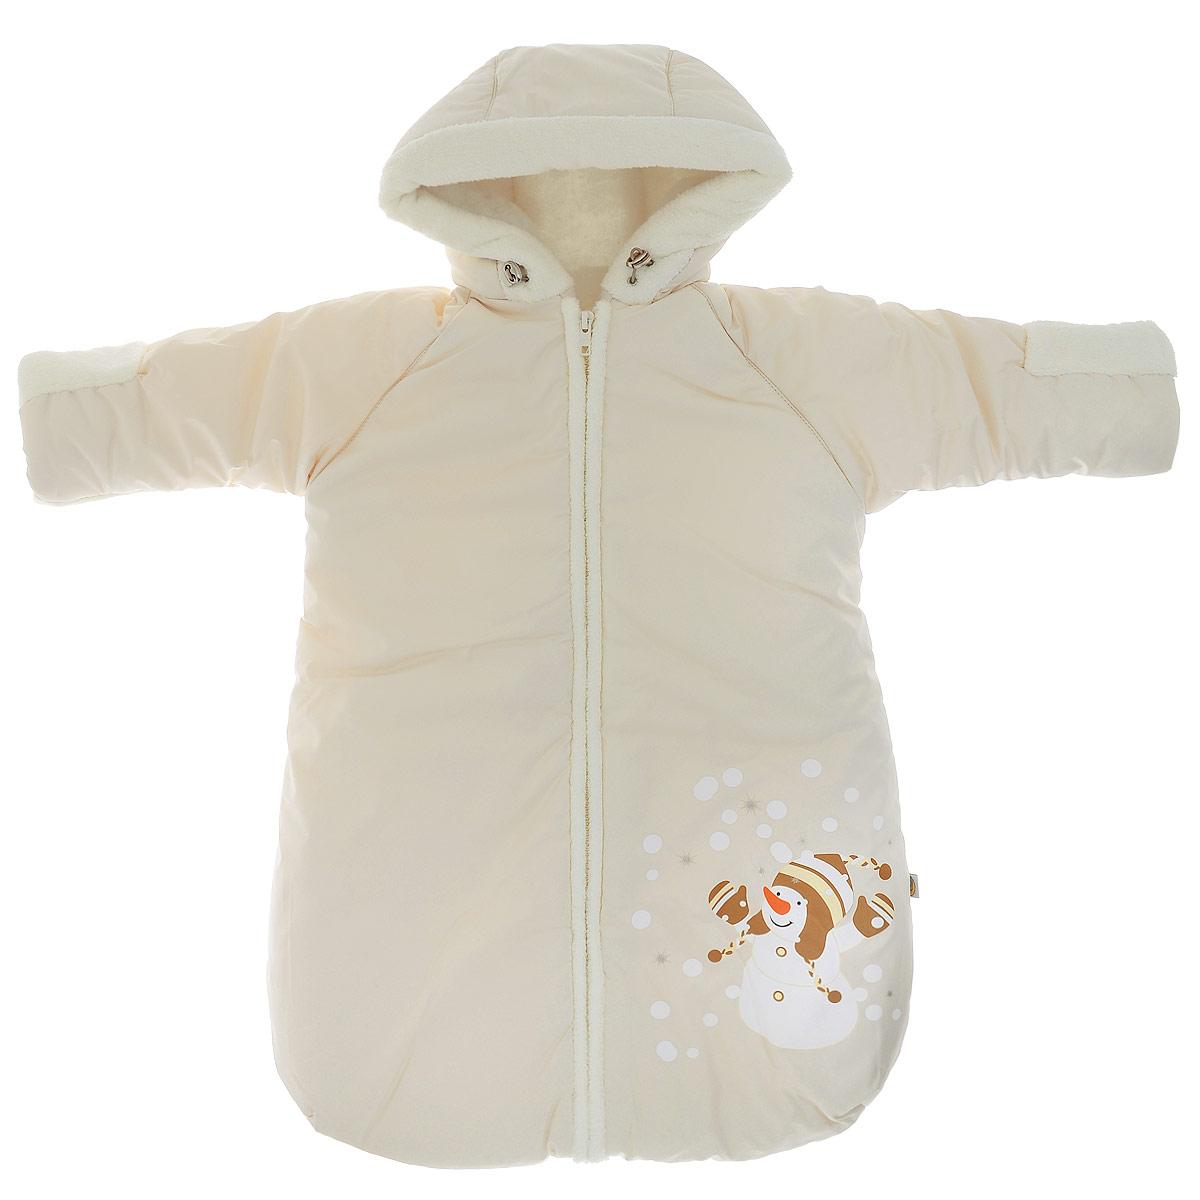 Конверт для новорожденного Снеговичок. 980980/1Теплый конверт для новорожденного Сонный гномик Снеговичок идеально подойдет для ребенка в холодное время года. Конверт изготовлен из водоотталкивающей и ветрозащитной ткани Dewspo (100% полиэстер) на подкладке из шерсти с добавлением полиэстера. В качестве утеплителя используется шелтер (100% полиэстер). Шелтер (Shelter) - утеплитель нового поколения с тонкими волокнами. Его более мягкие ячейки лучше удерживают воздух, эффективнее сохраняя тепло. Более частые связи между волокнами делают утеплитель прочным и позволяют сохранить его свойства даже после многократных стирок. Утеплитель шелтер максимально защищает от холода и не стесняет движений. Конверт с капюшоном и рукавами-реглан спереди застегивается на длинную застежку- молнию. Капюшон не отстегивается и дополнен скрытой кулиской на стопперах. Рукава дополнены широкими эластичными манжетами и отворотами. Низ рукавов, планка, окантовка капюшона и подкладка рукавов дополнены мягким ворсистым...